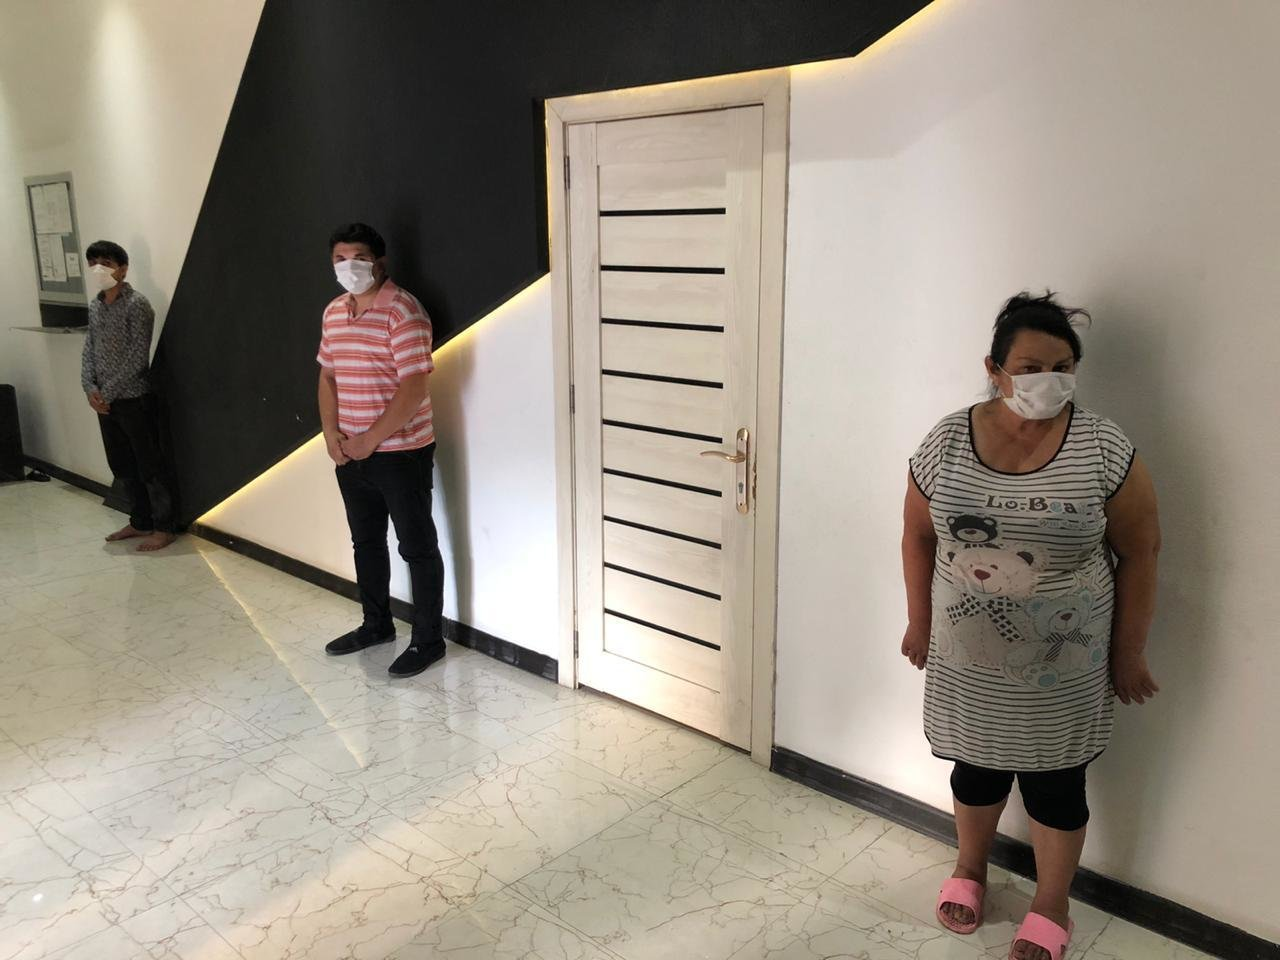 Bakıda karantini pozan kafe icarədarı və 8 nəfər saxlanıldı - FOTO, fotoşəkil-3